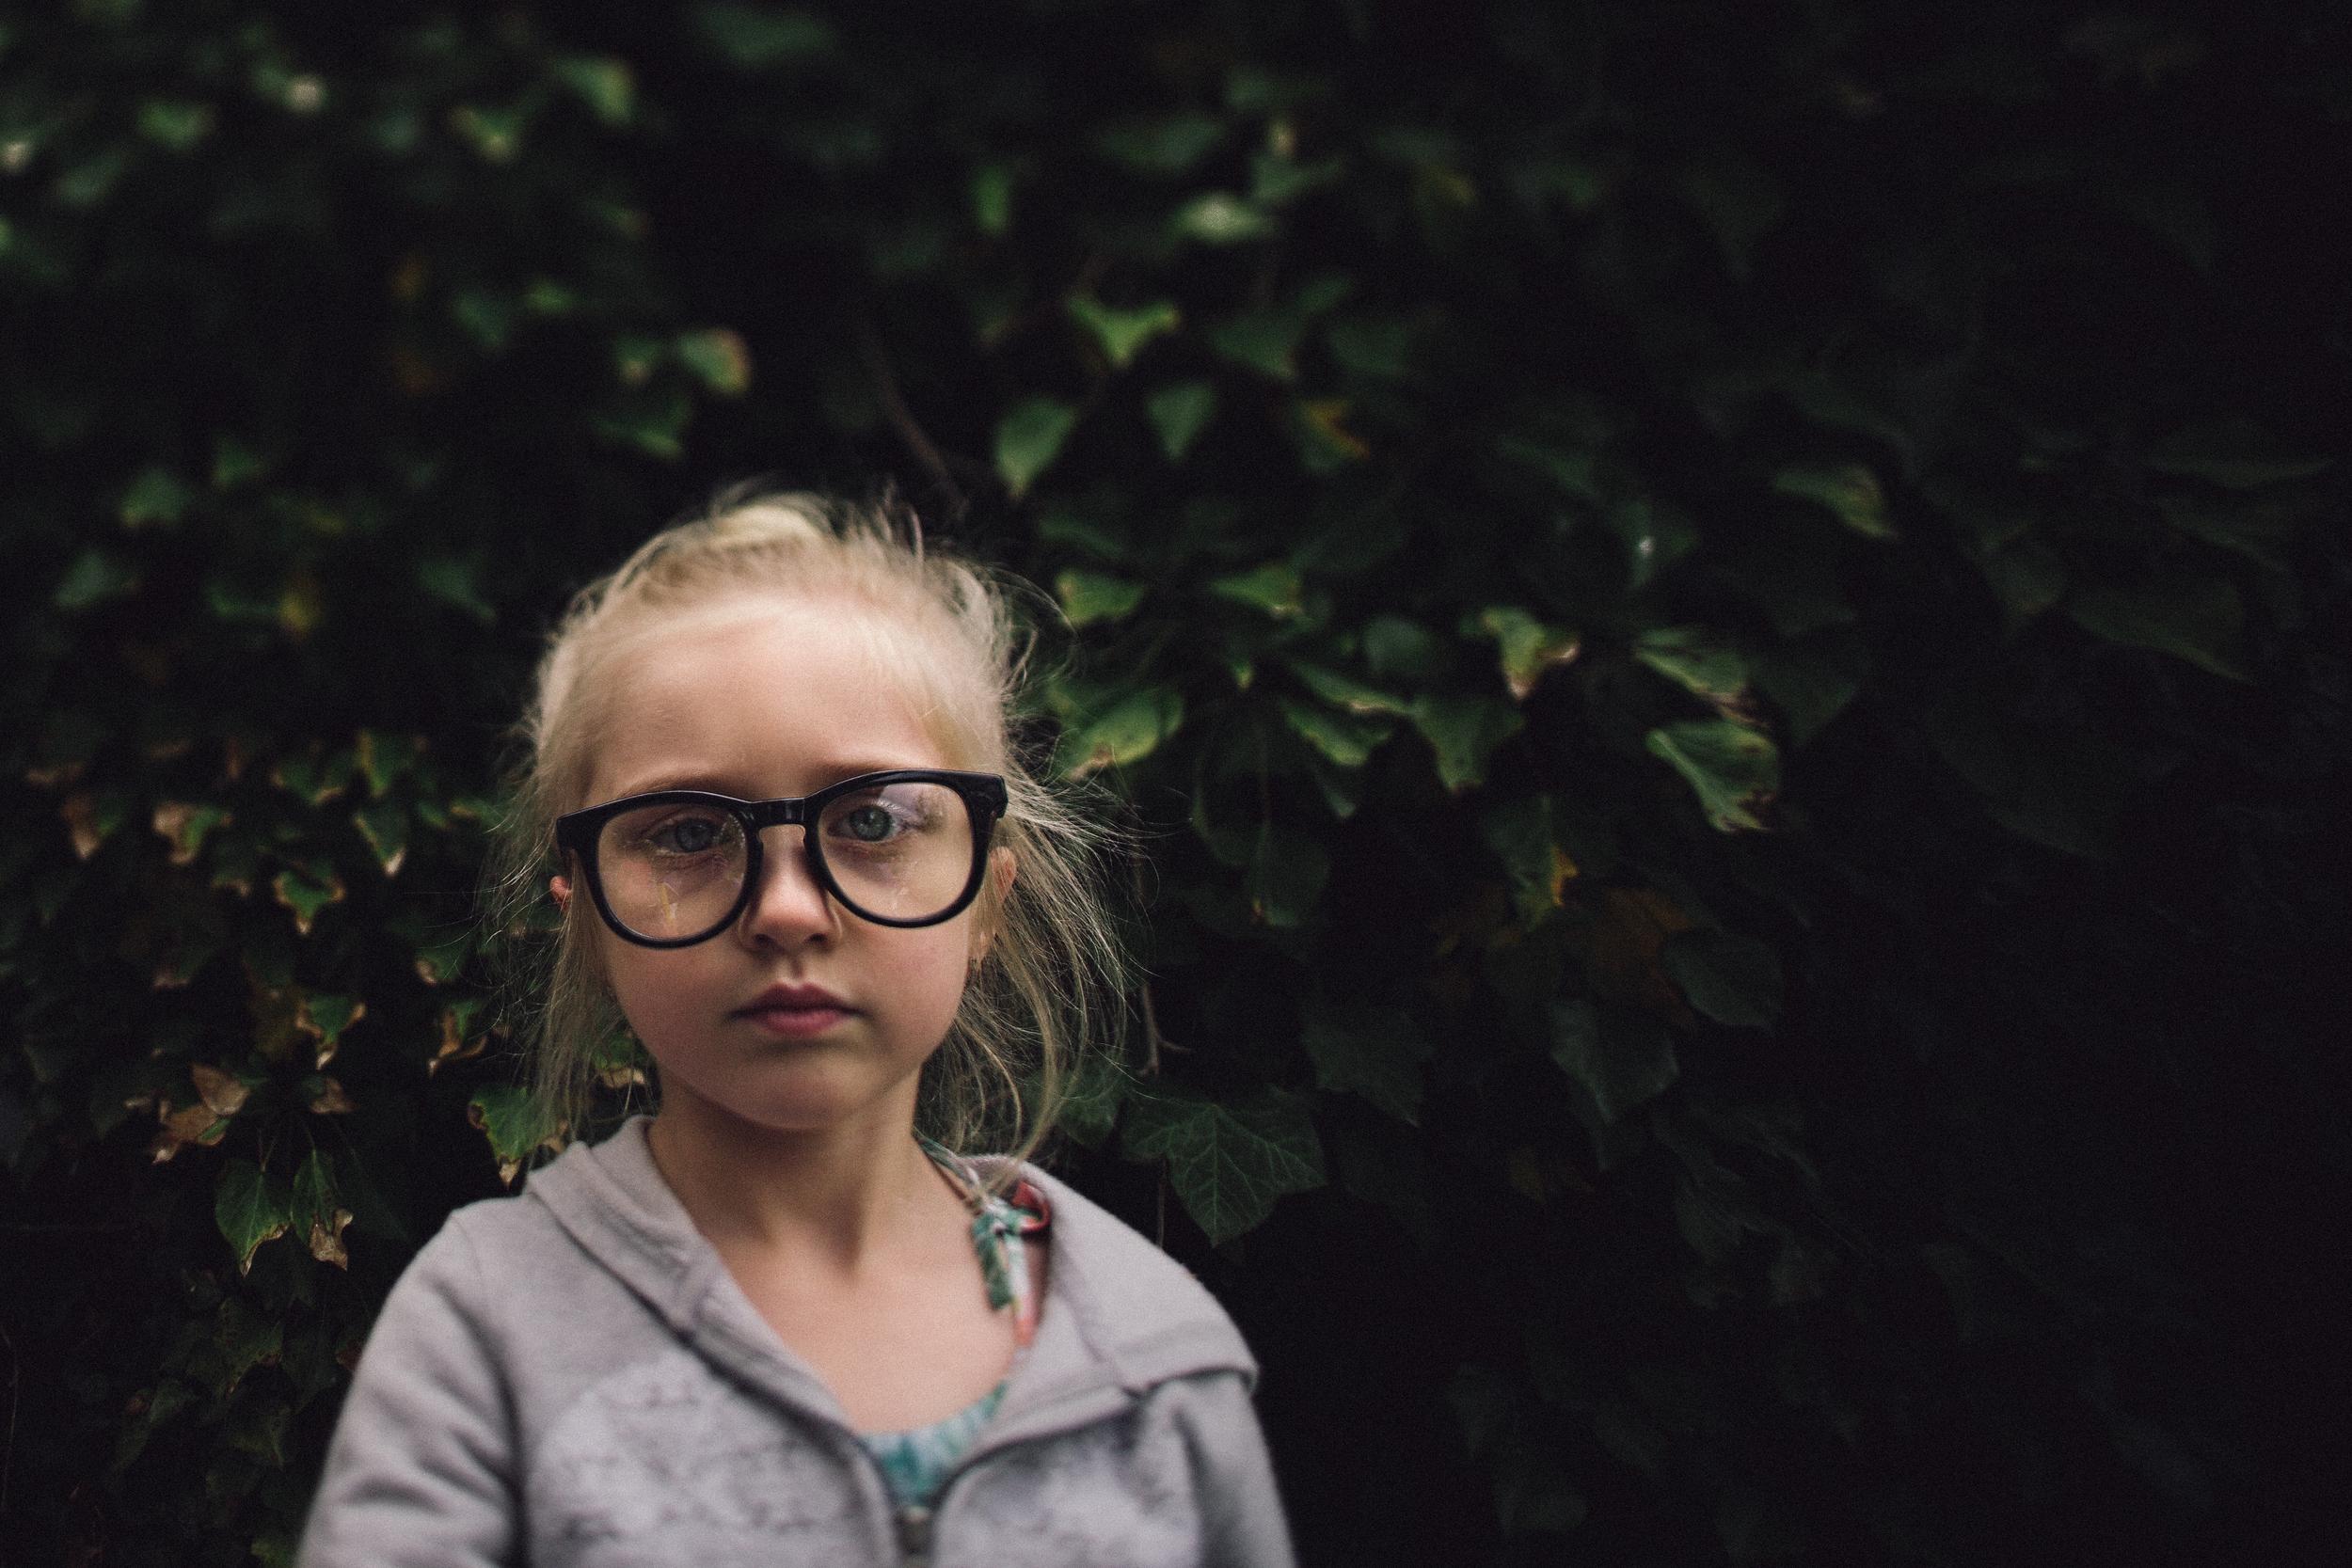 Hello-olivia-photography-Long-island-Children-family-photographer-babylon-nerd-glasses-tilt-shift.jpg